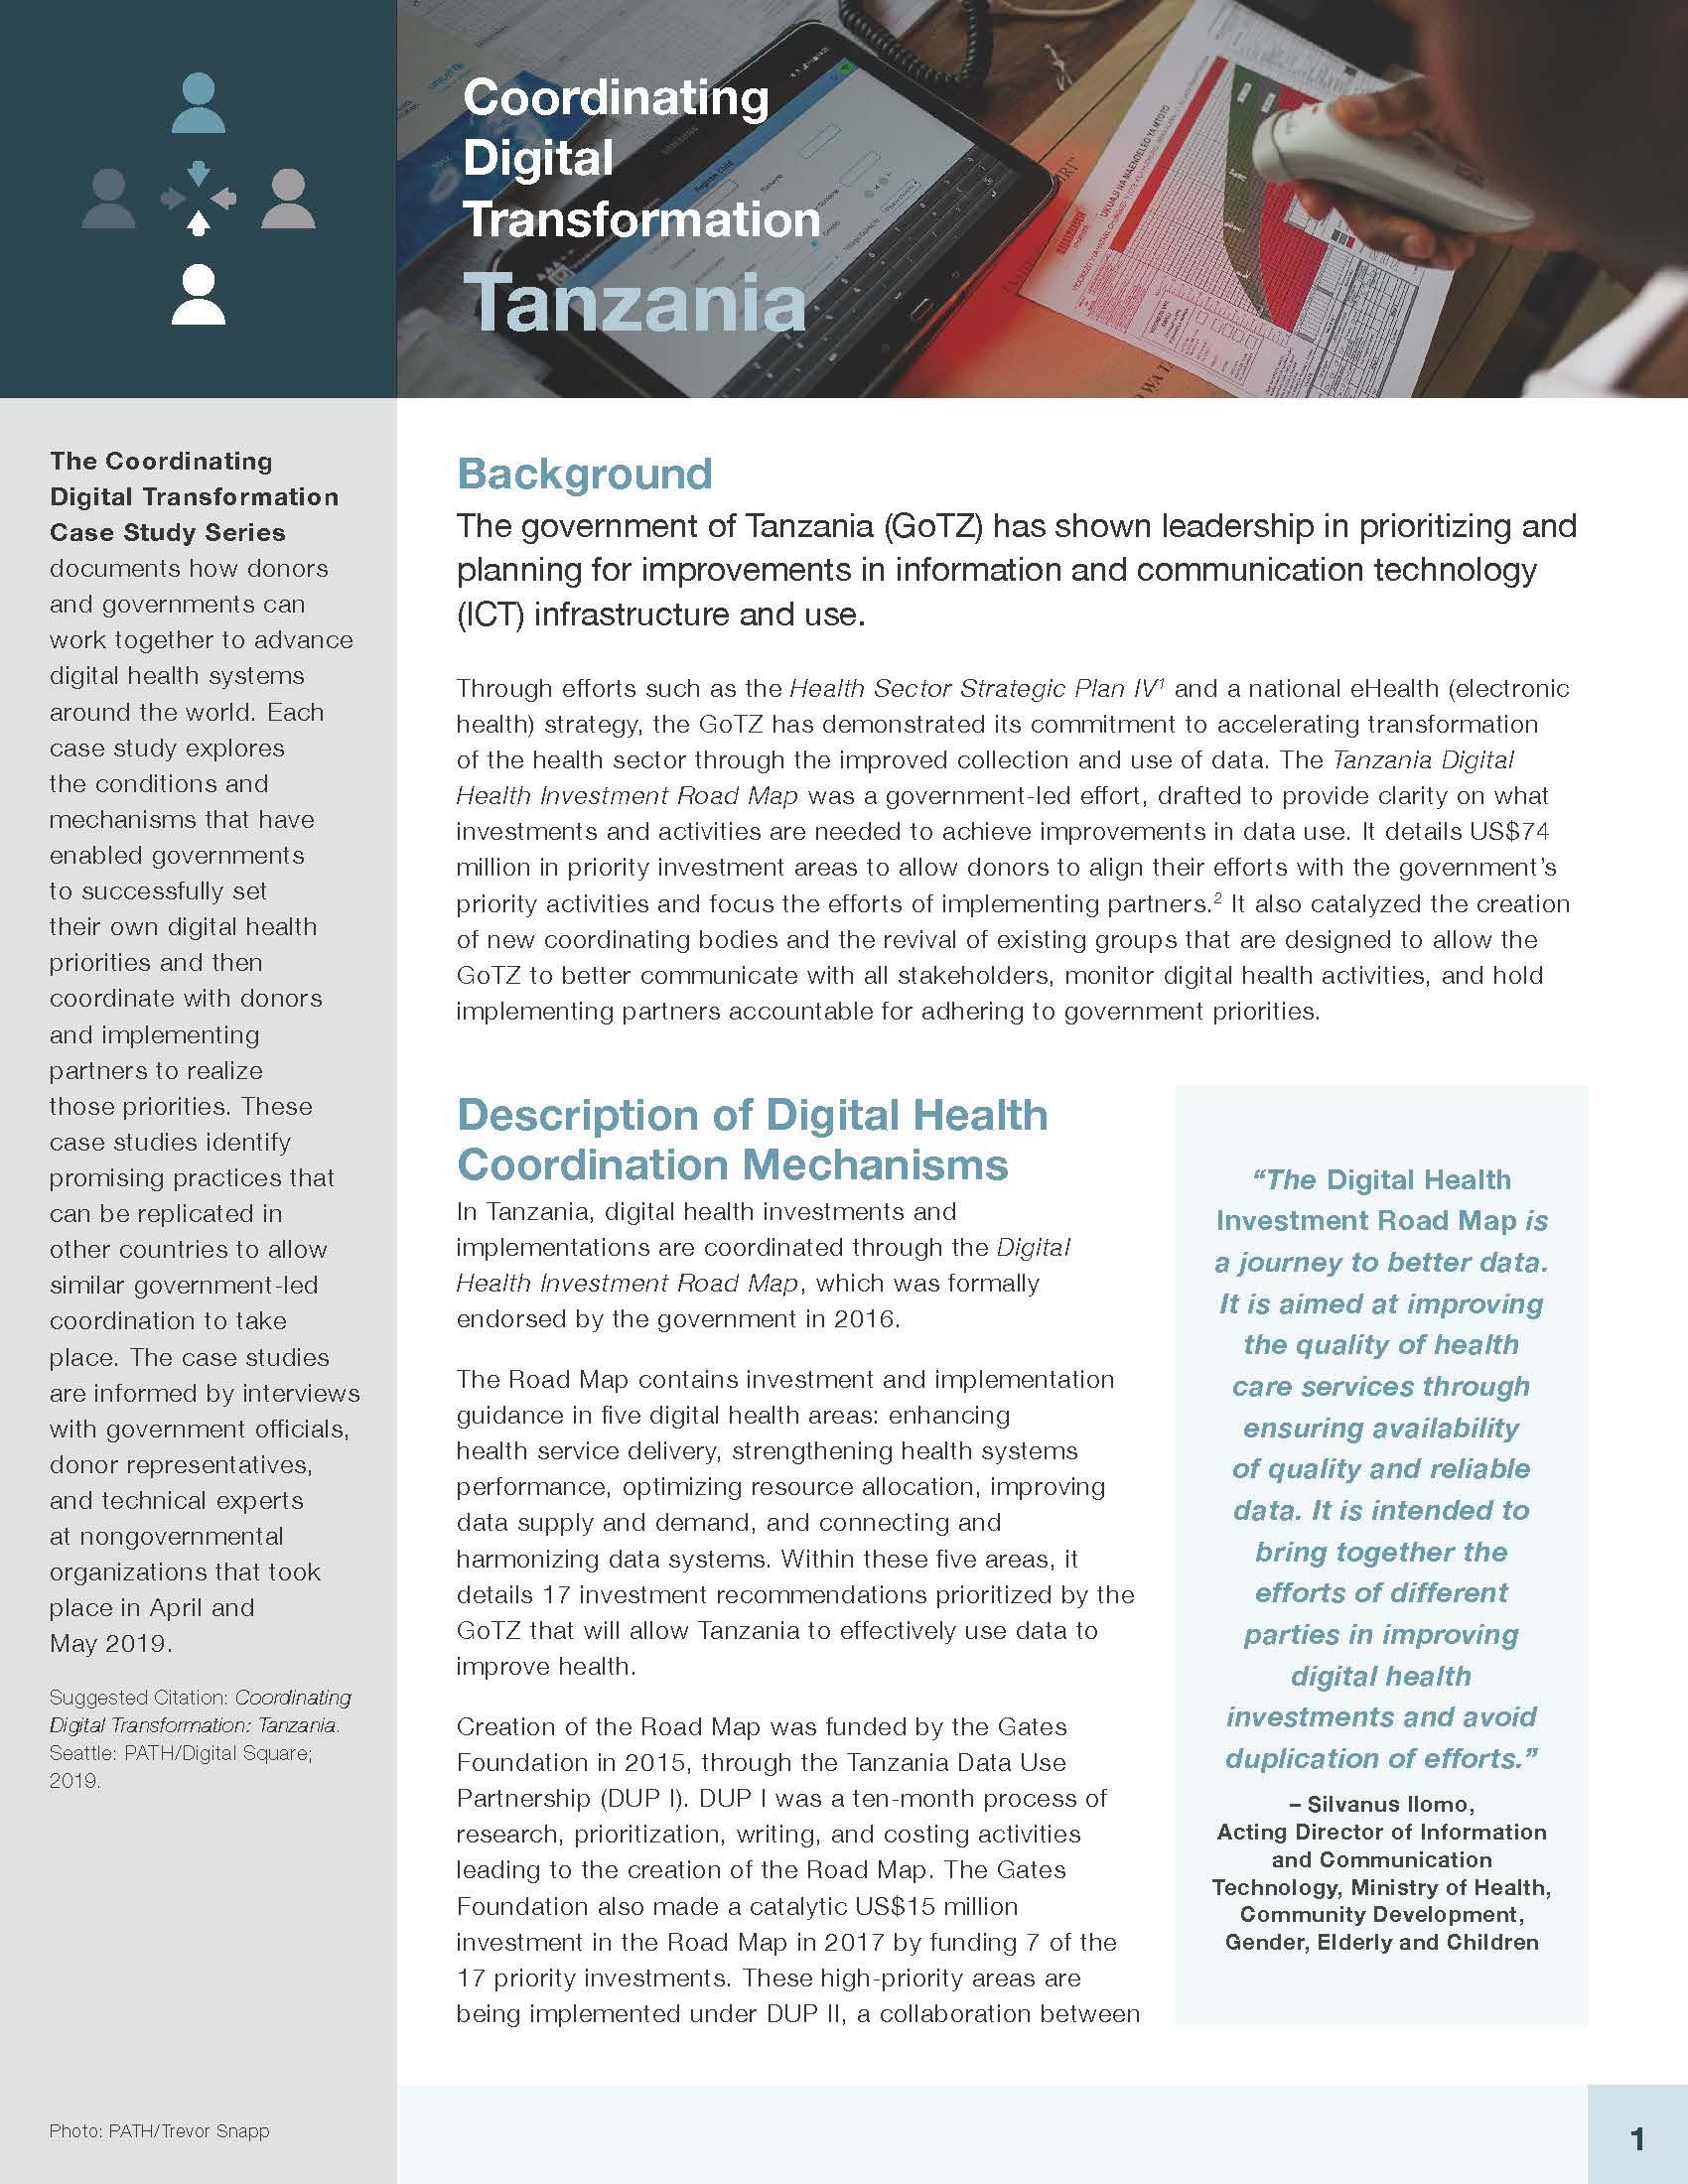 DGSQ_Donor-Coord-Case-Studies_TANZ_R1.jpg